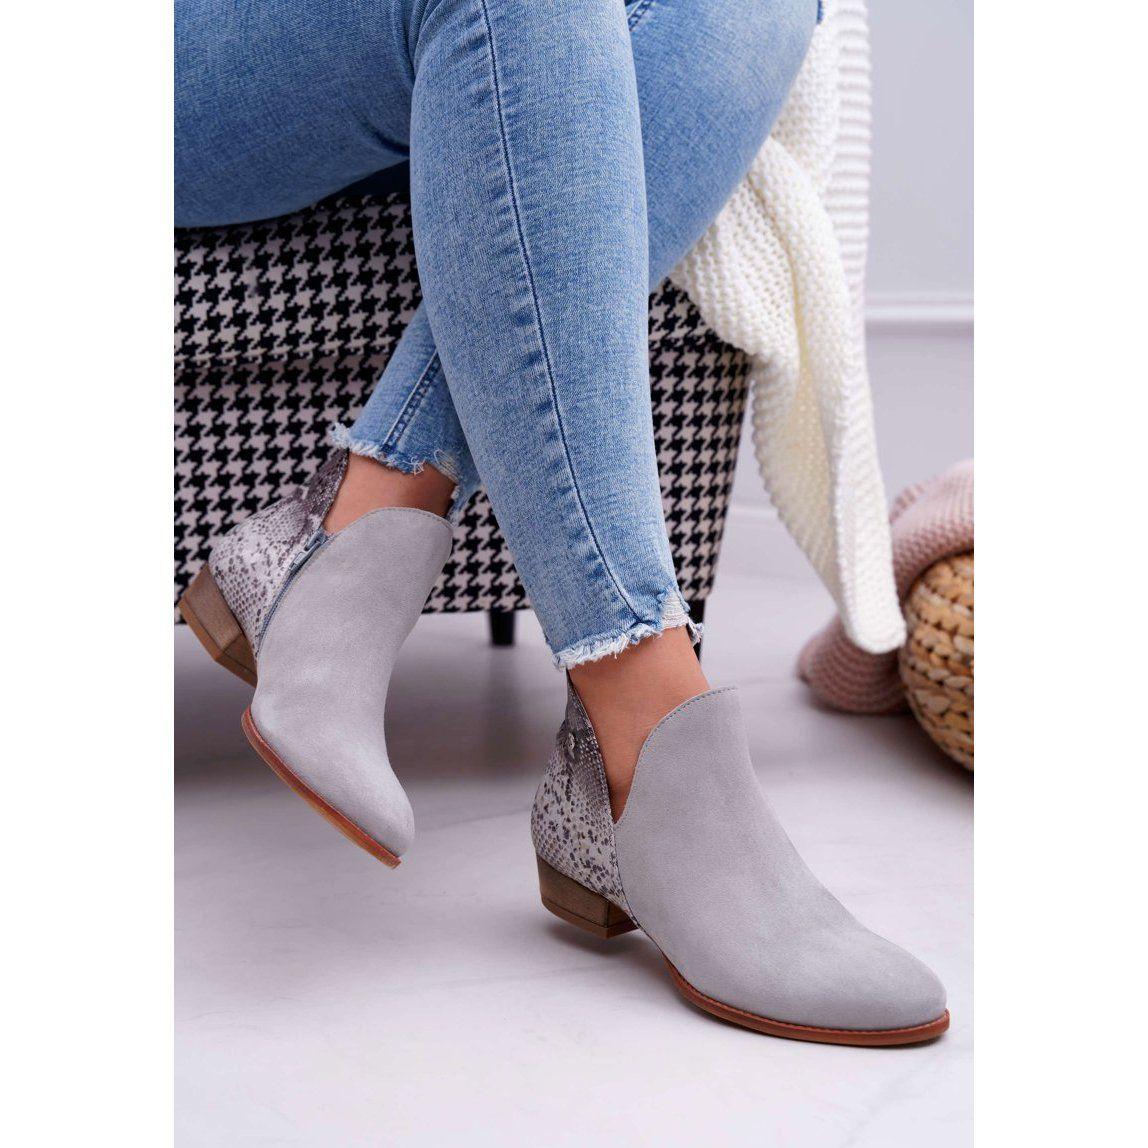 Botki Damskie Plaskie Maciejka Skorzane Szare 04091 03 00 5 Boots Ankle Boot Heeled Mules